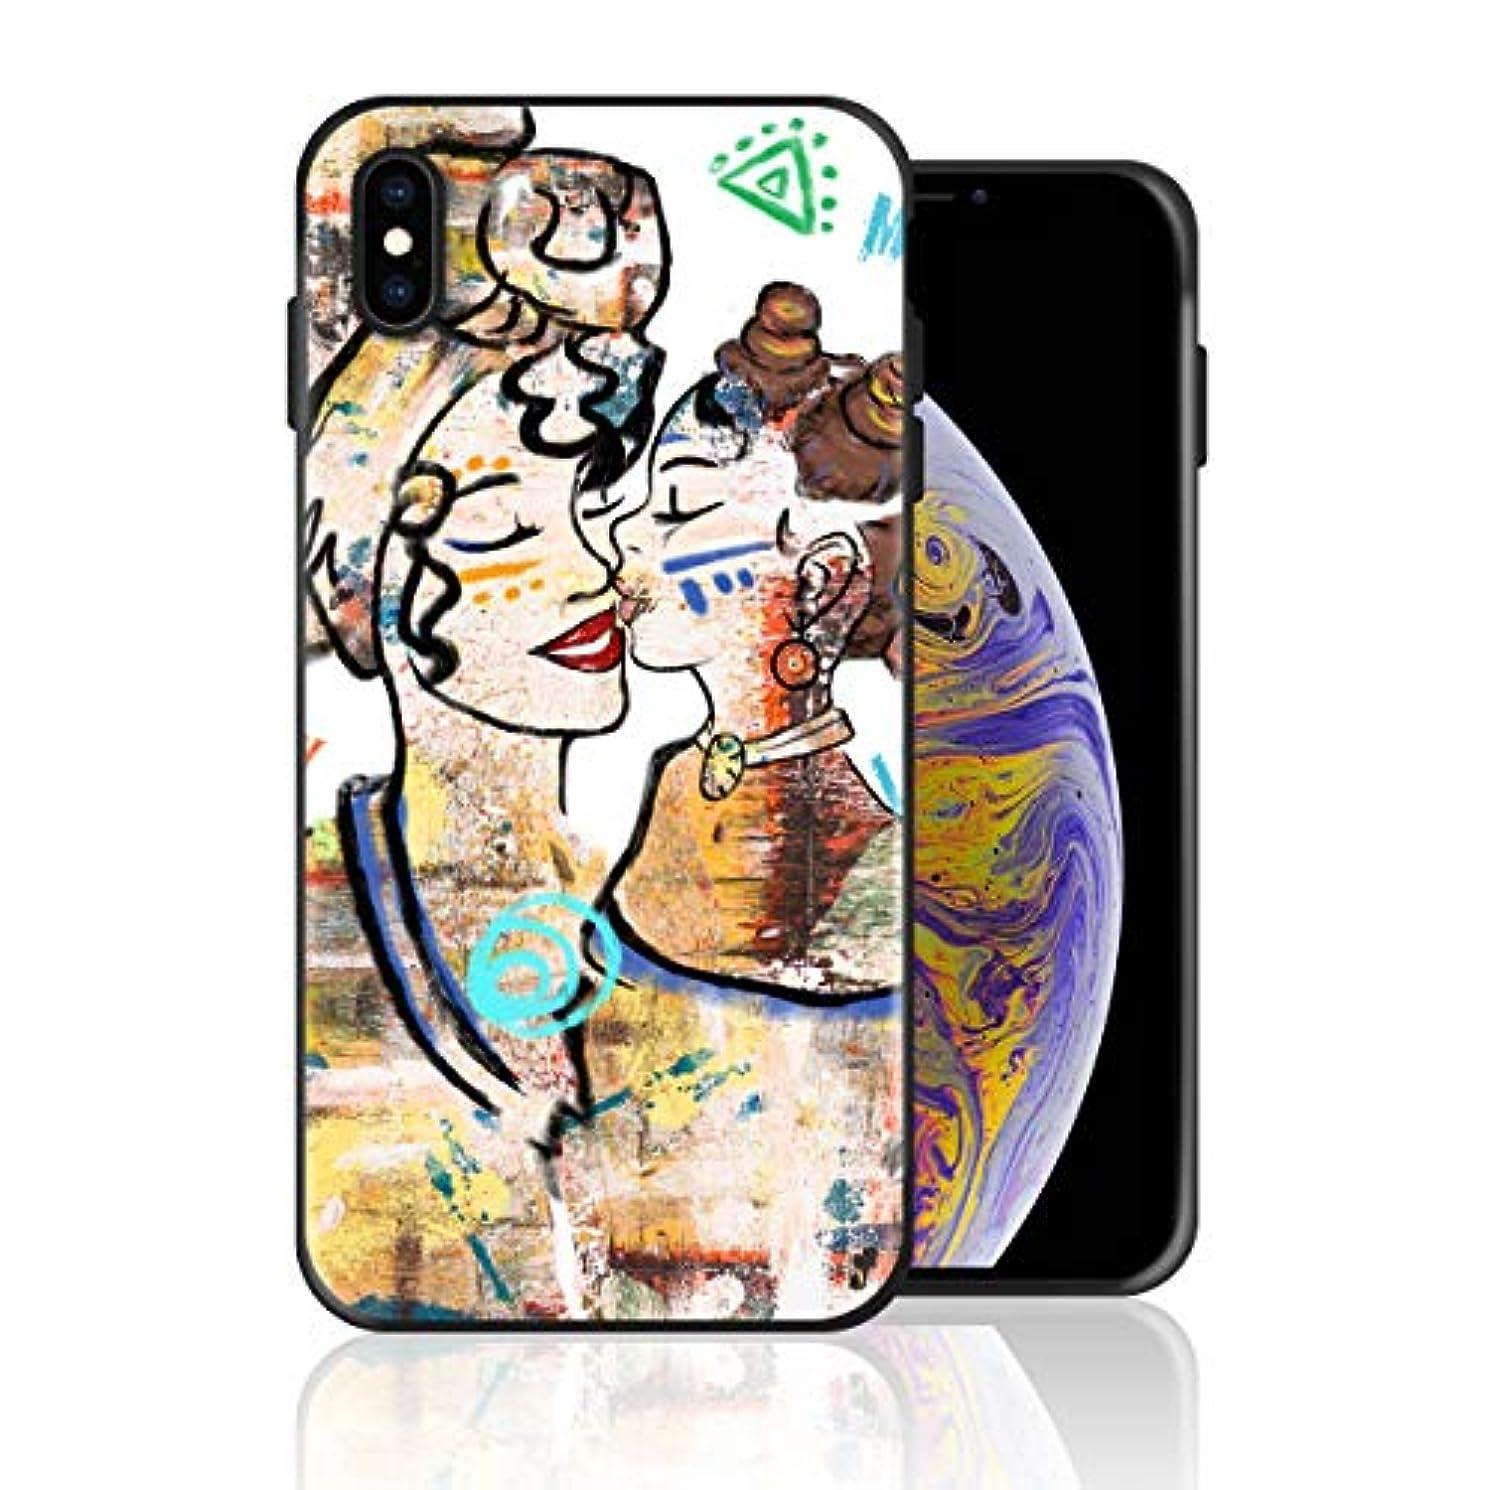 鼓舞する視力統計iPhone 6 Plus/iPhone 6s Plus ケース 母の日 アフリカ婦人 黒い子供 楽書き 携帯ケース スマホ用 携帯カバー アイフォンカバー 超耐久 軽量 超薄型 擦り傷防止 全面保護 全機種対応 ソフトケース シリコン TPU